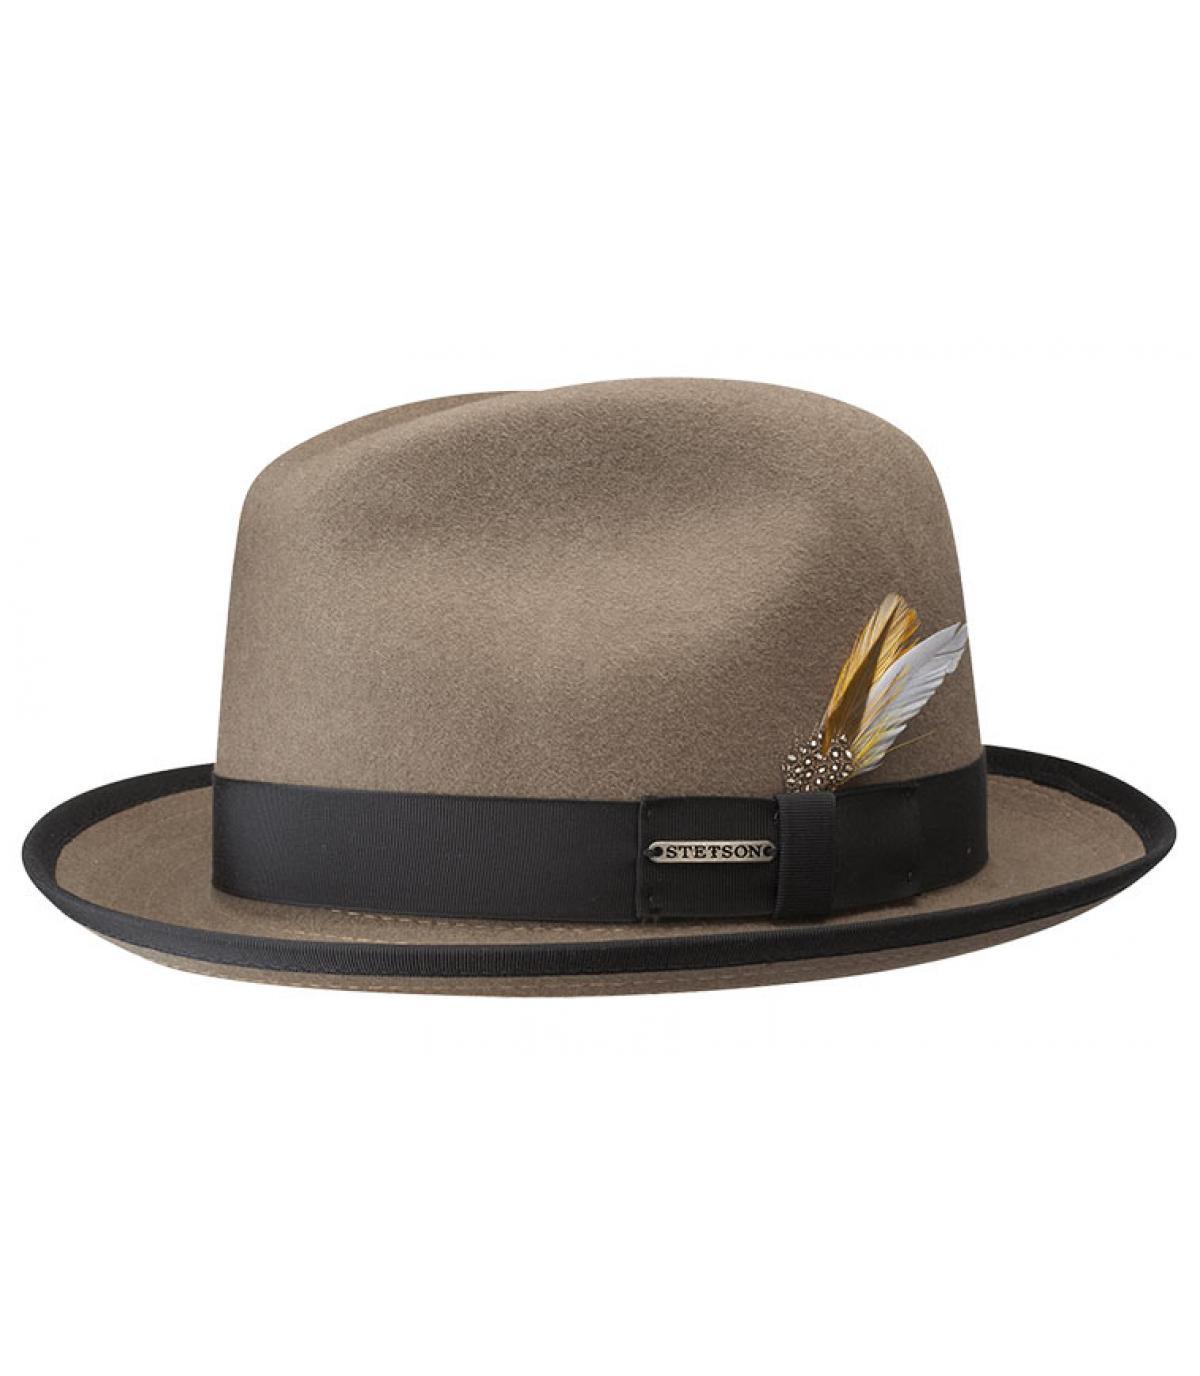 Brown Stetson hat